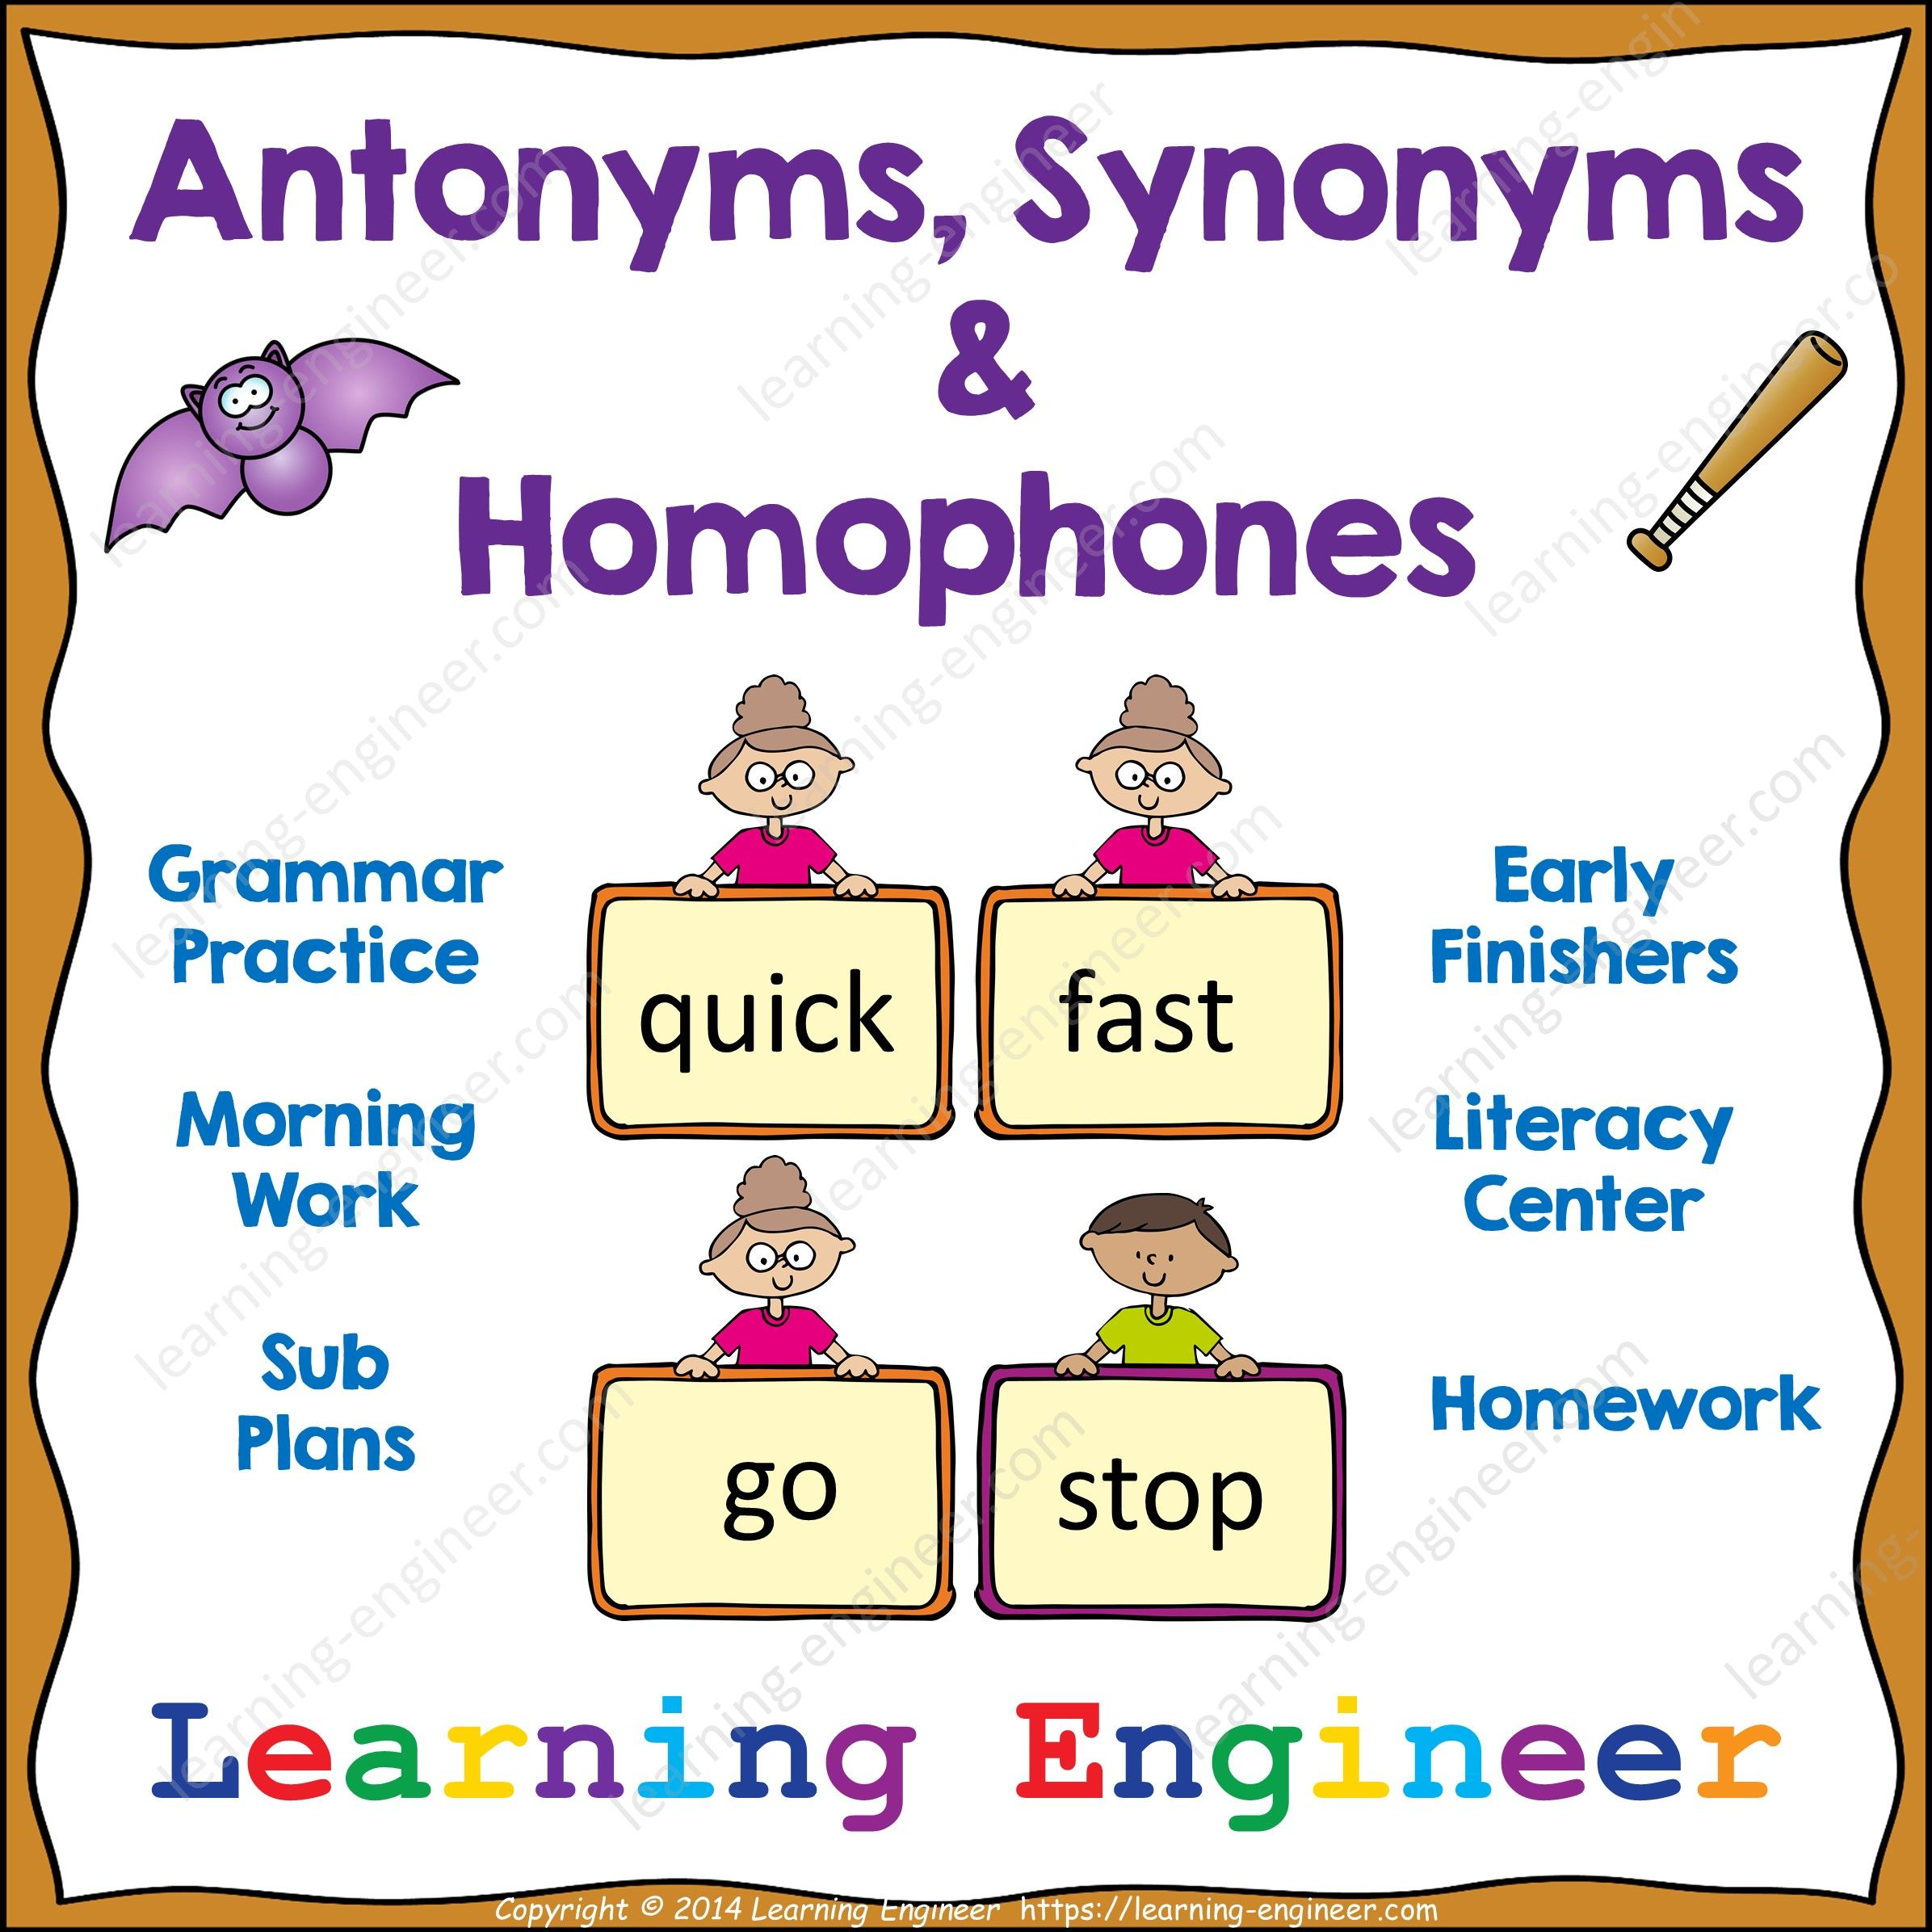 Antonyms [ 2392 x 2392 Pixel ]